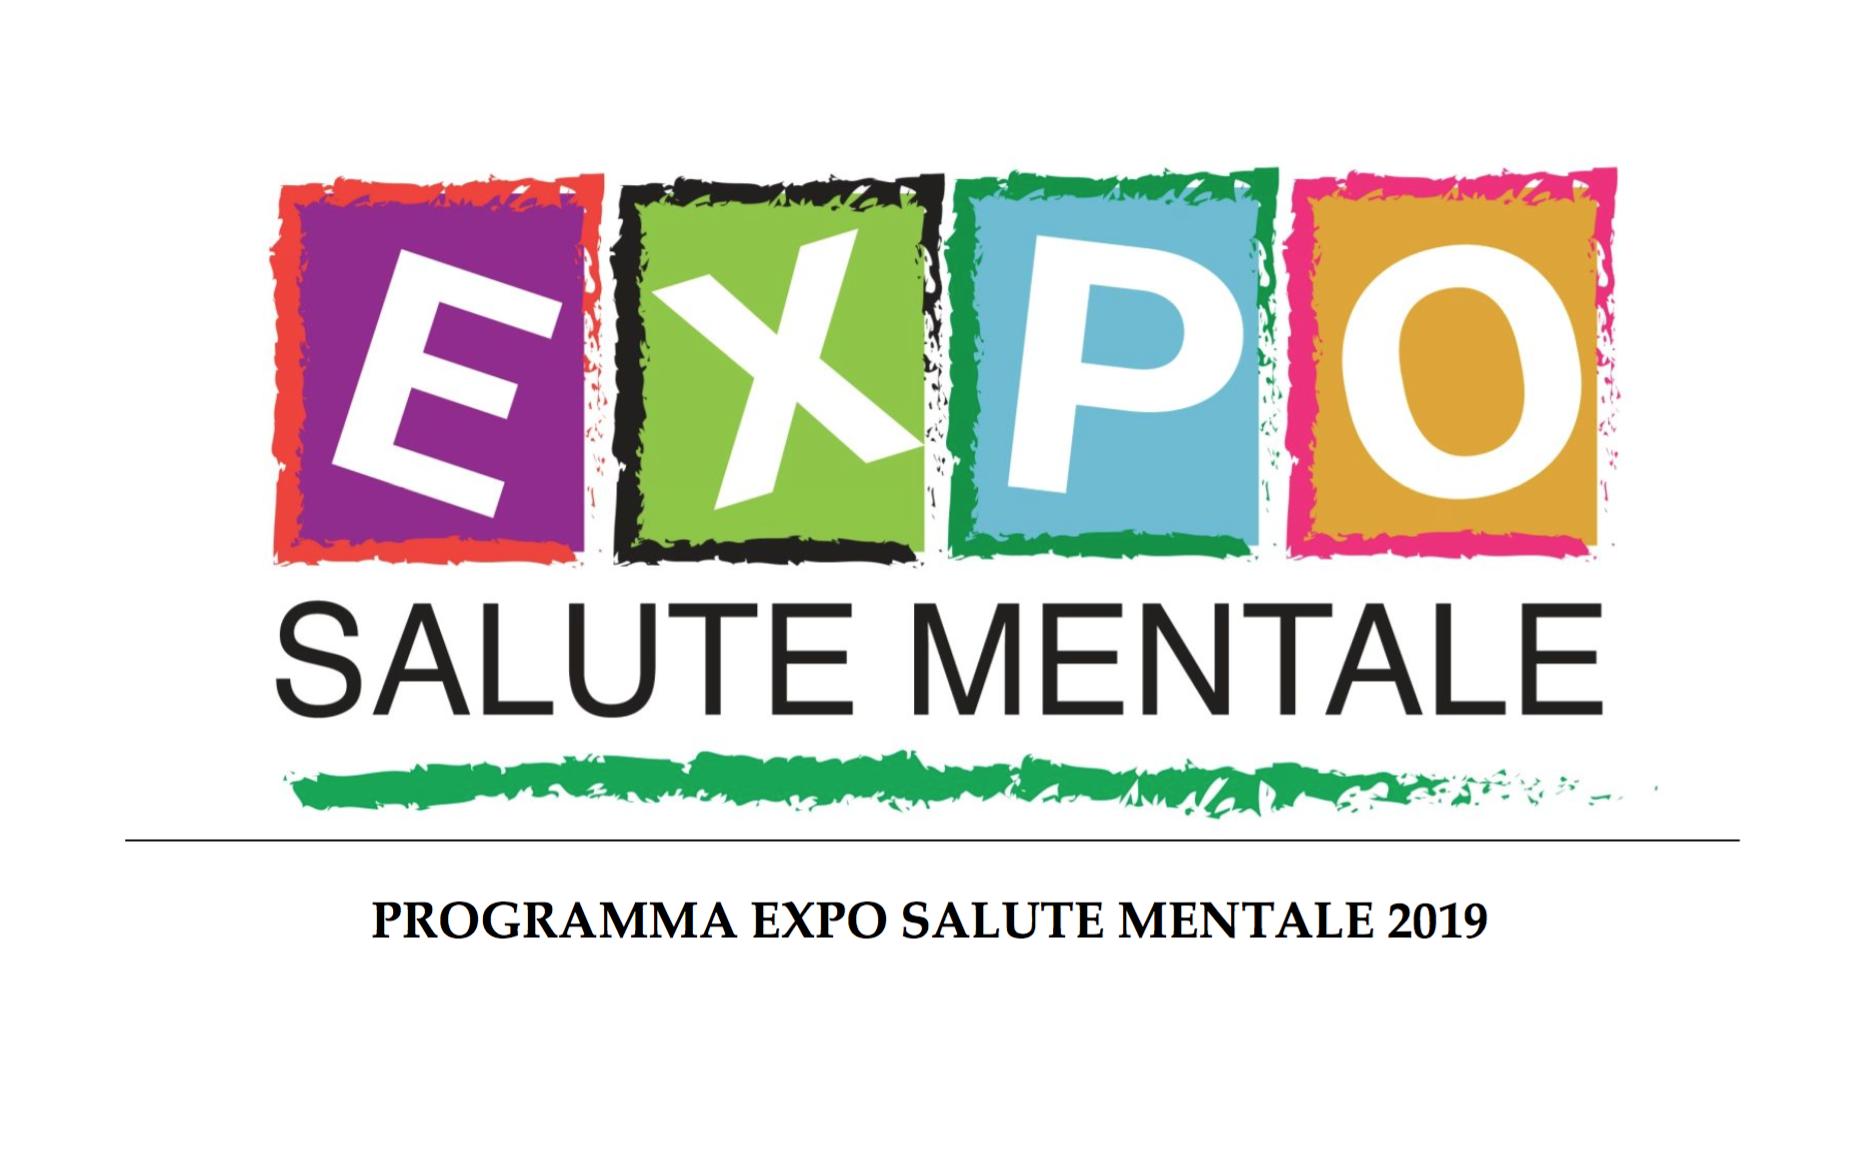 Expo Salute Mentale 2019 Il Programma